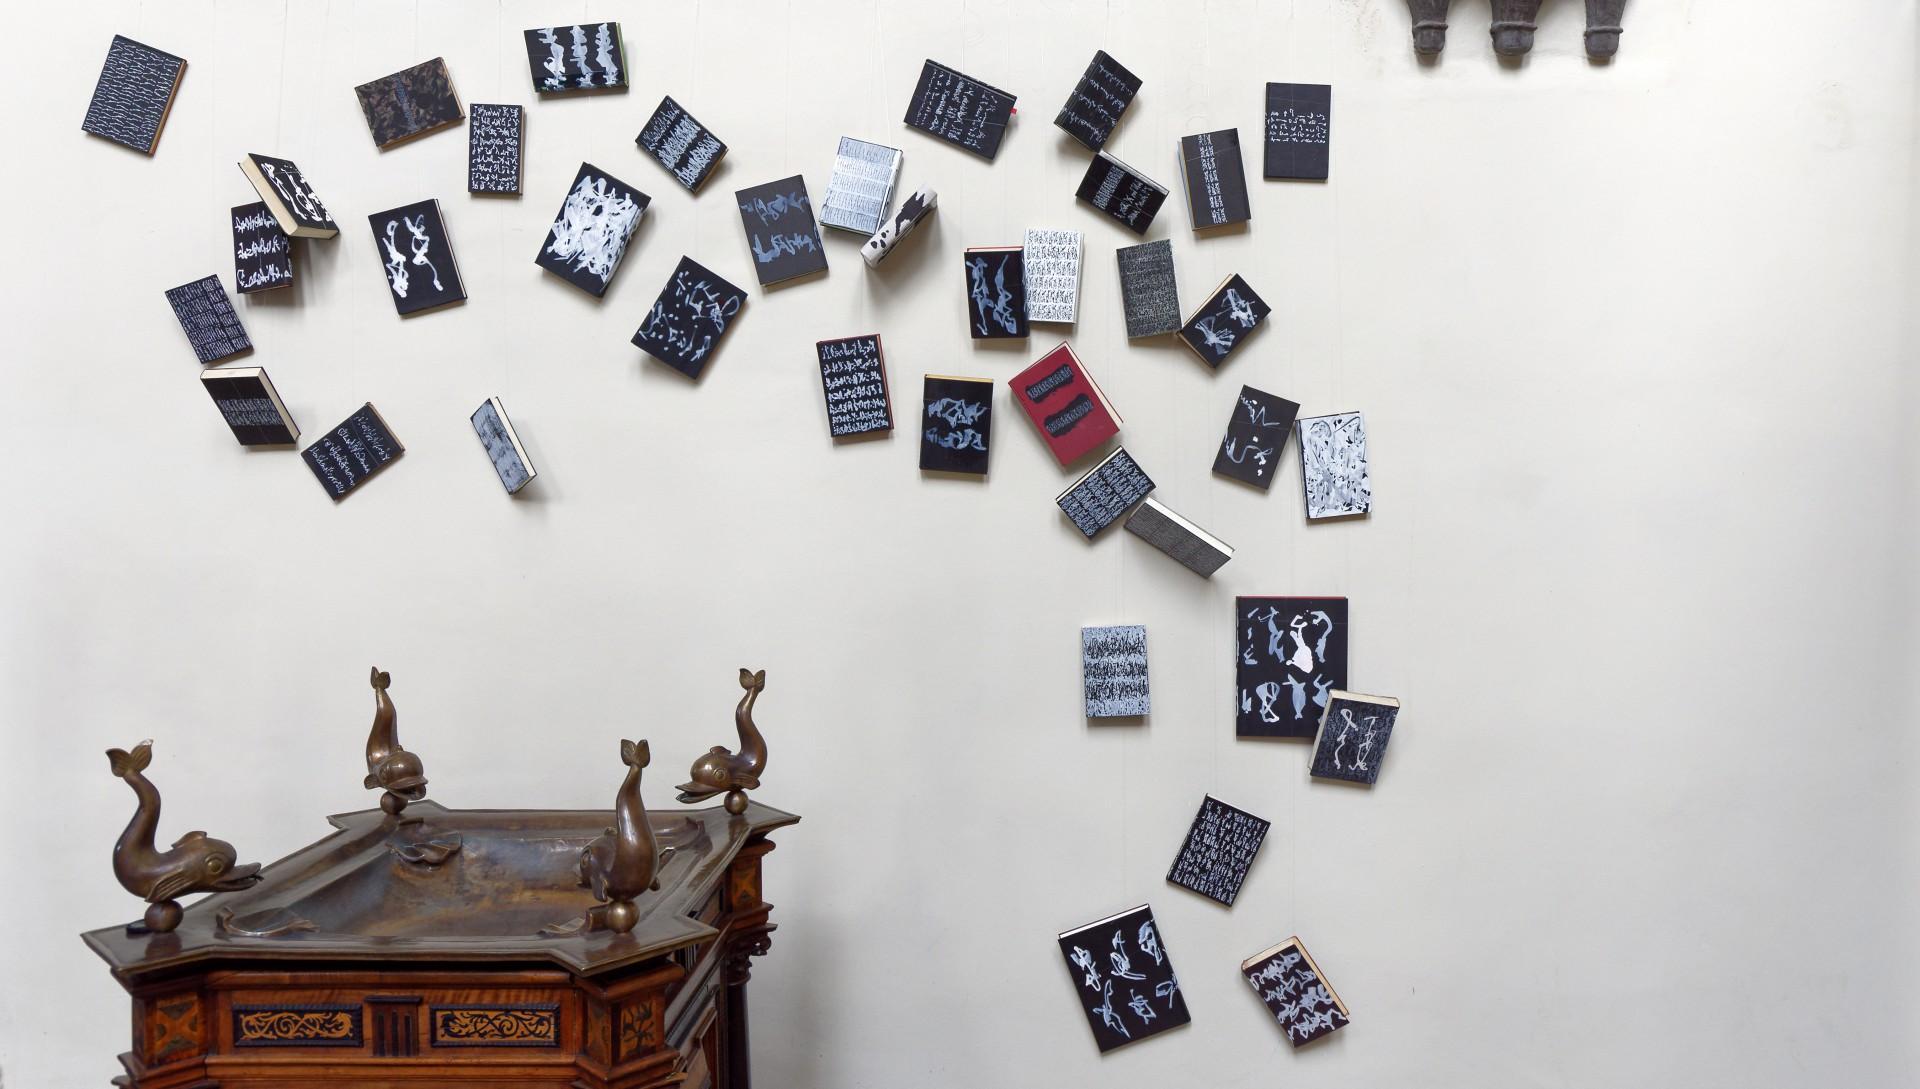 Tauchbad-Handbibliothek, beidseitige Installation von insgesamt 53 Buchobjekten sowohl hinter dem Taufbecken wie vor dem Aufgang zur Kanzel